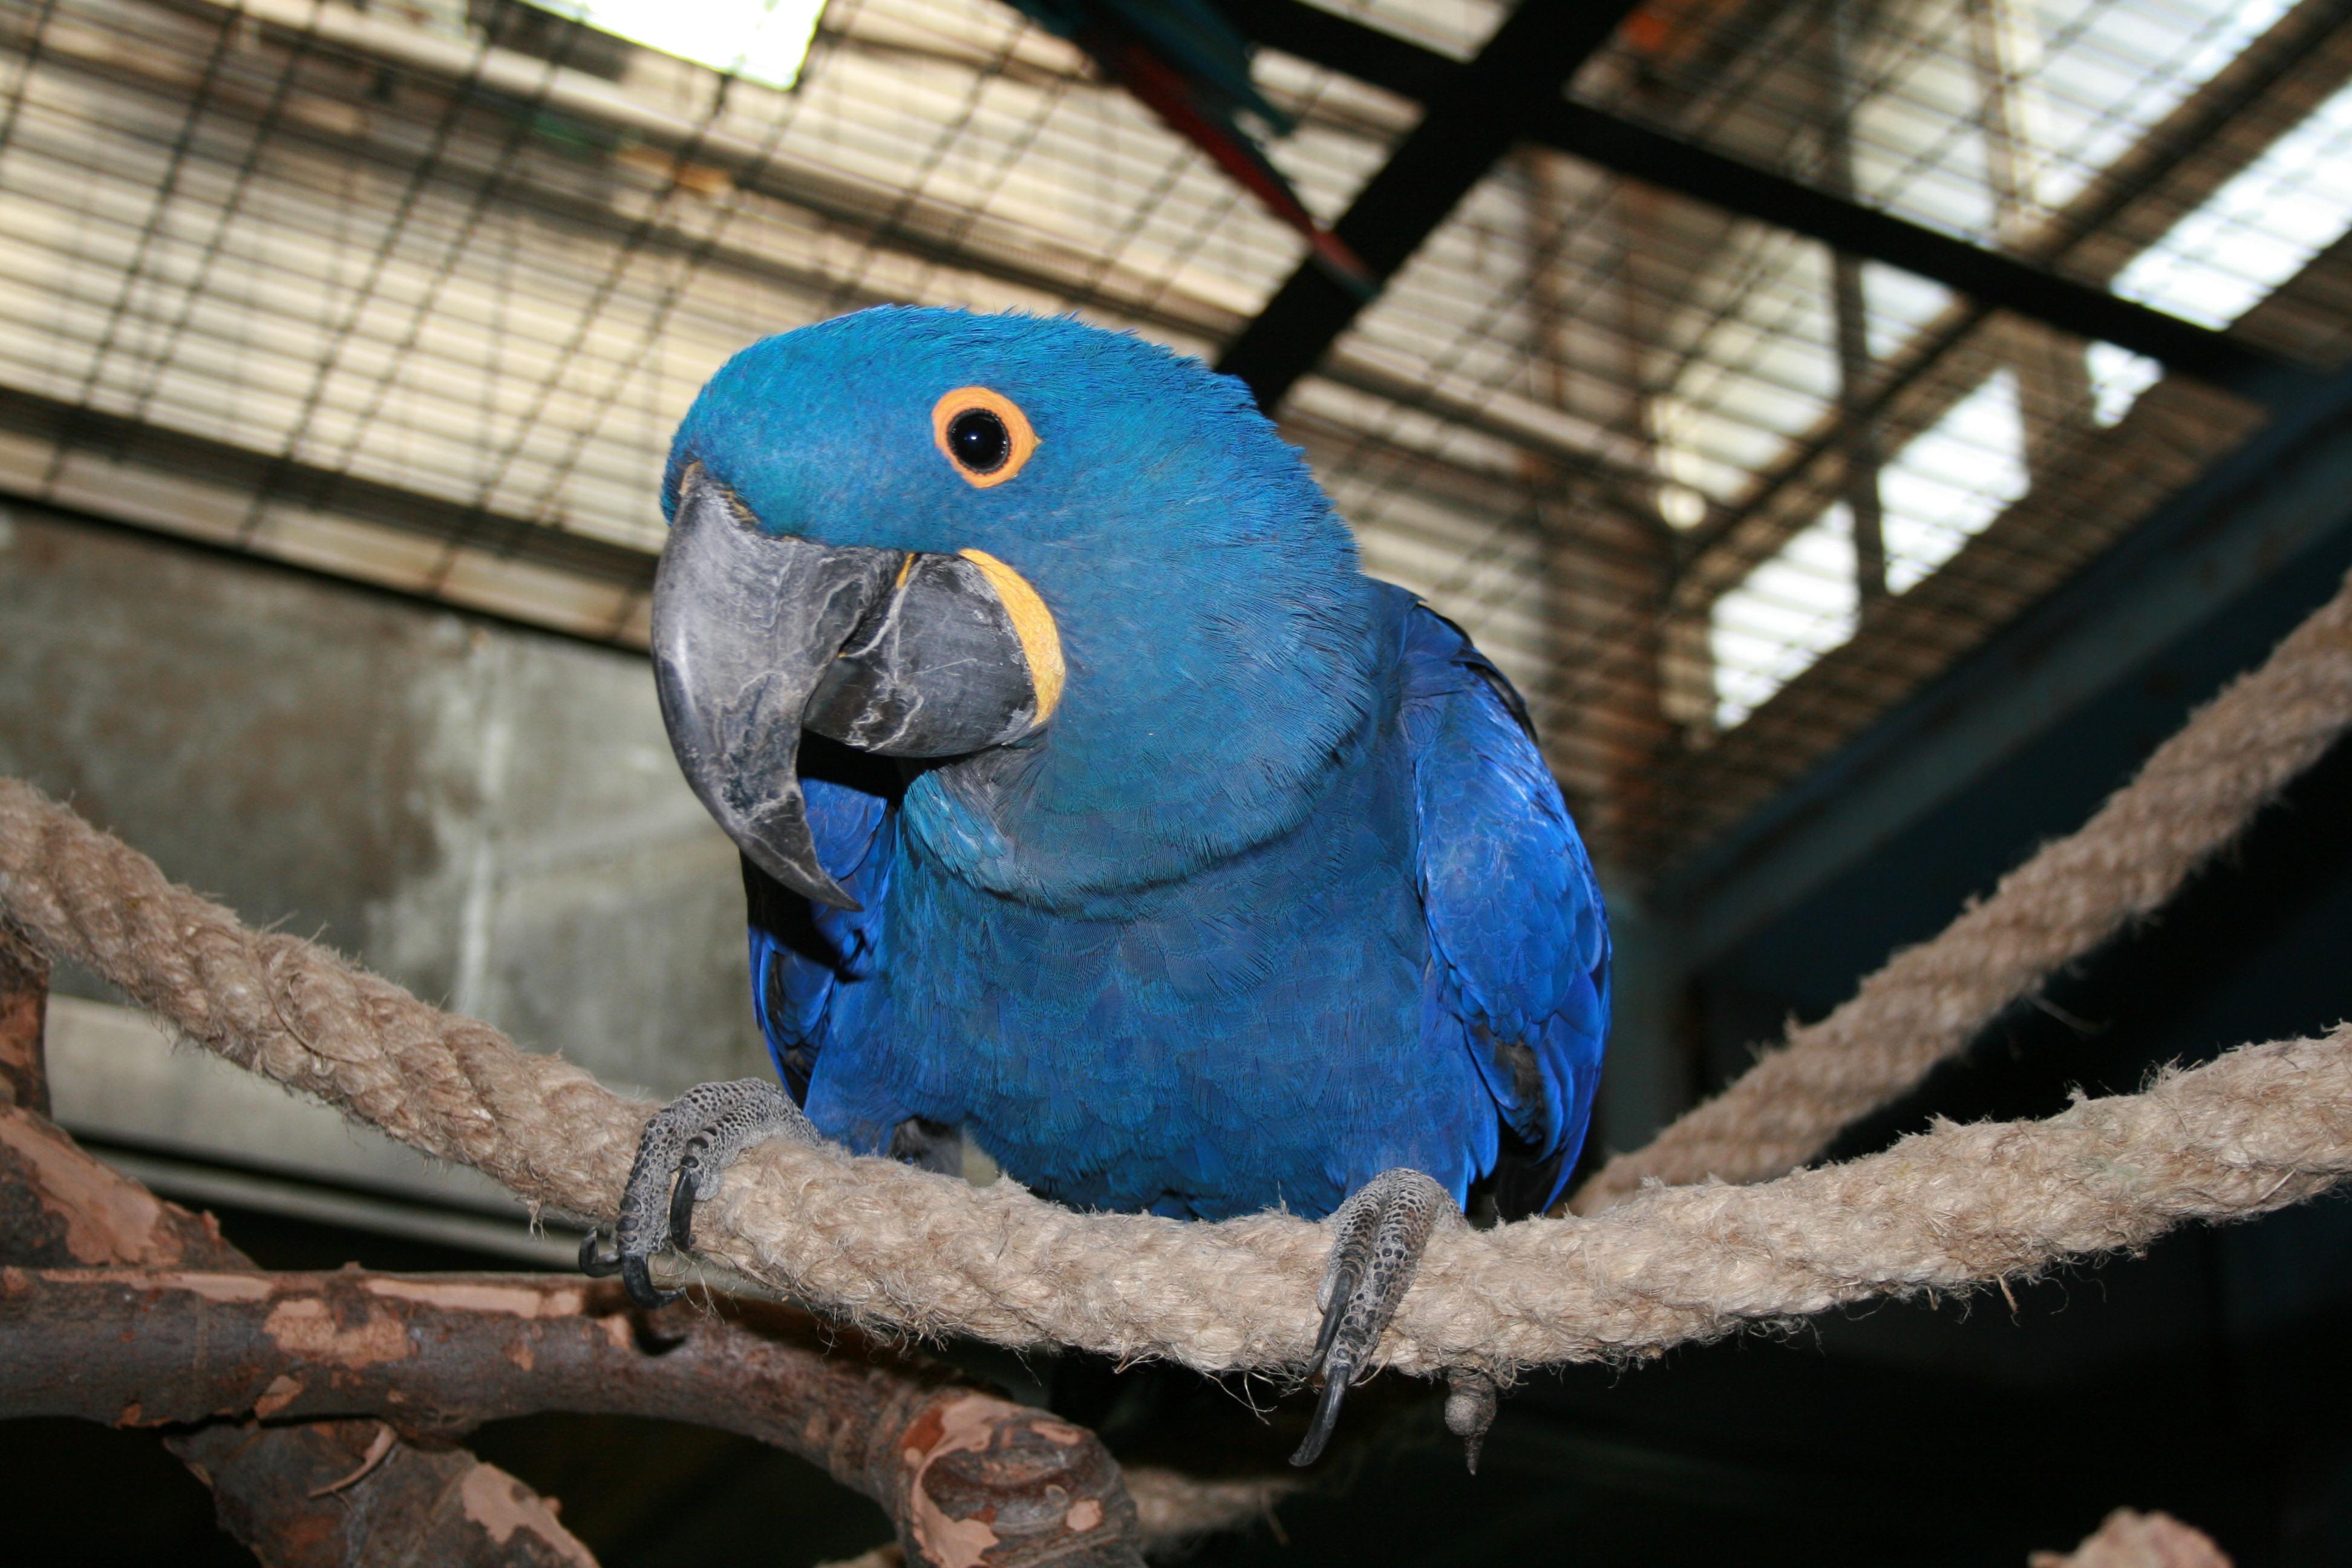 紫蓝金刚鹦鹉-鸟纲-临沂动植物园